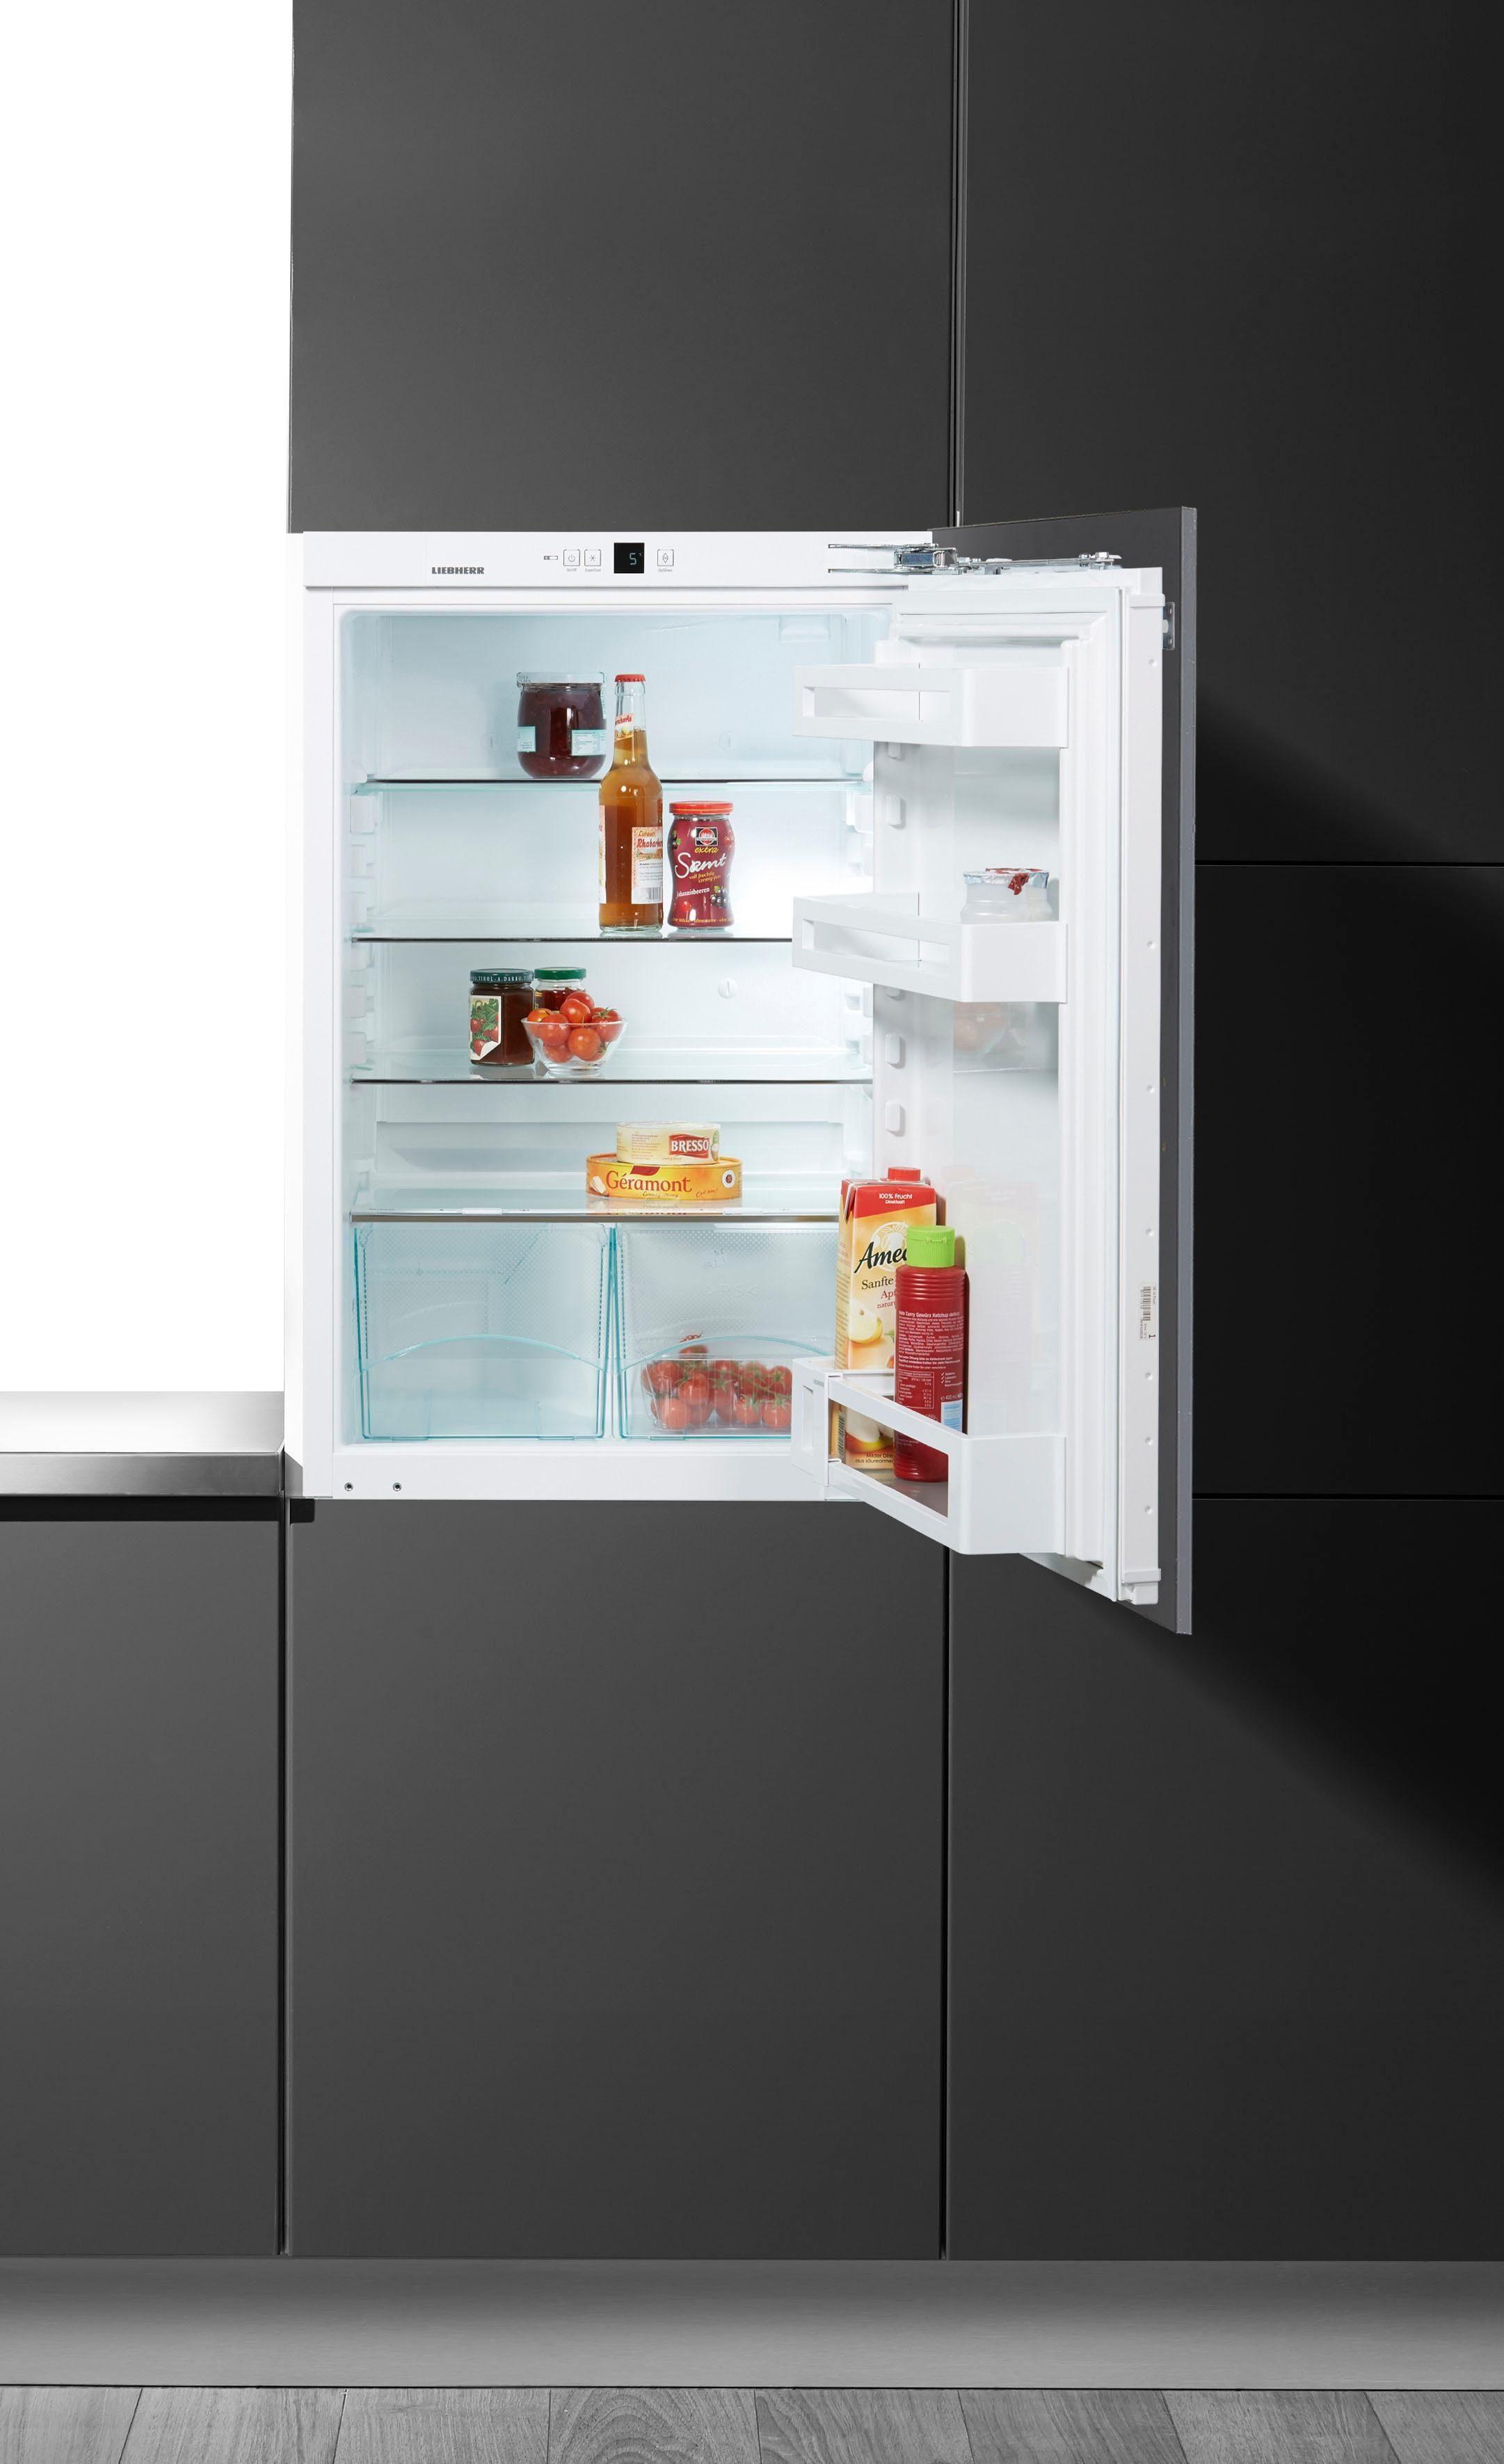 Liebherr integrierbarer Einbau-Kühlschrank IK 1620, Energieklasse A++, 87,2 cm hoch